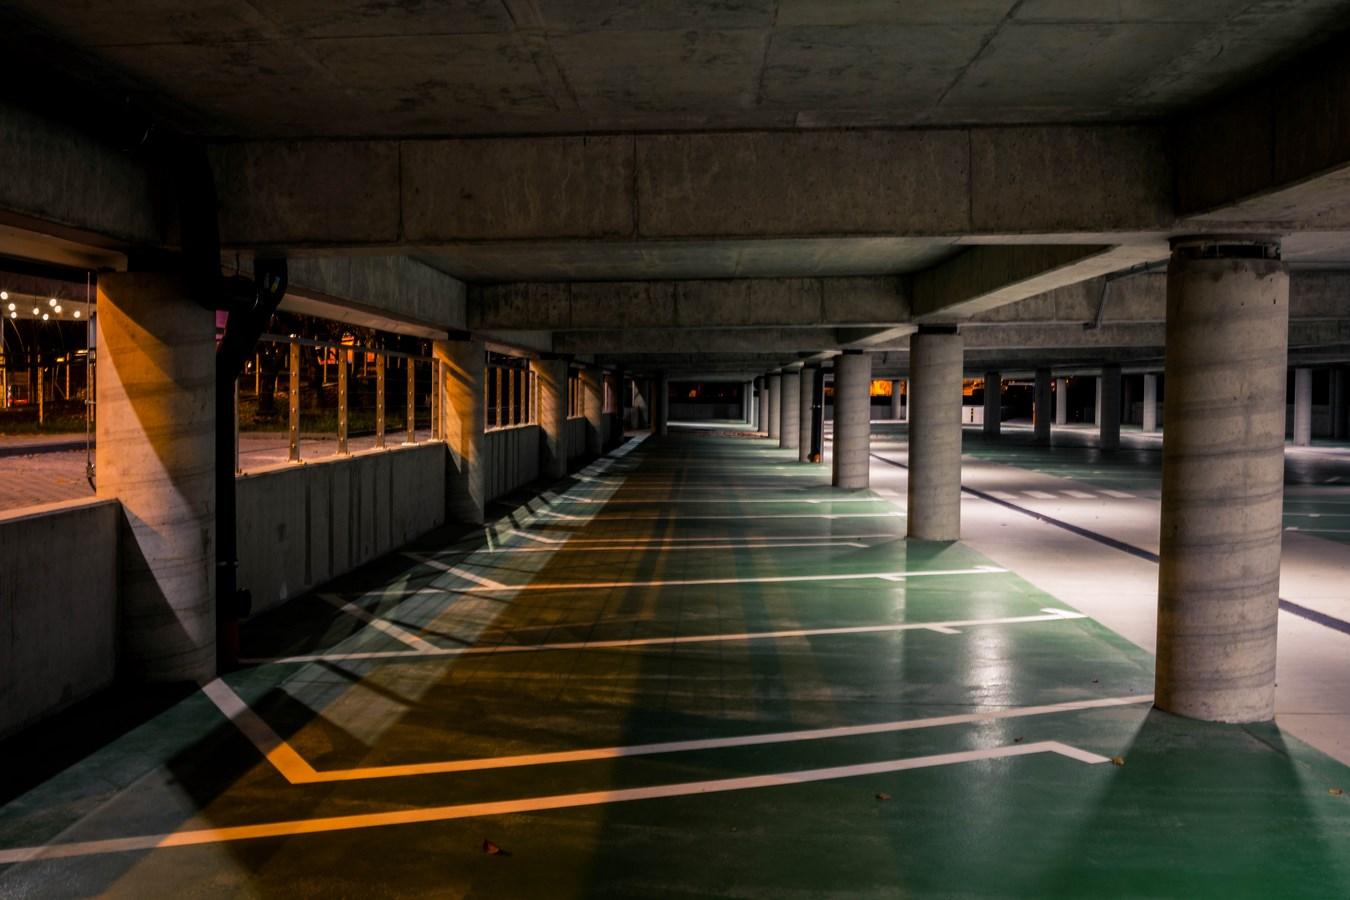 Otwarcie parkingu MCIT w Centrum - faza testowa